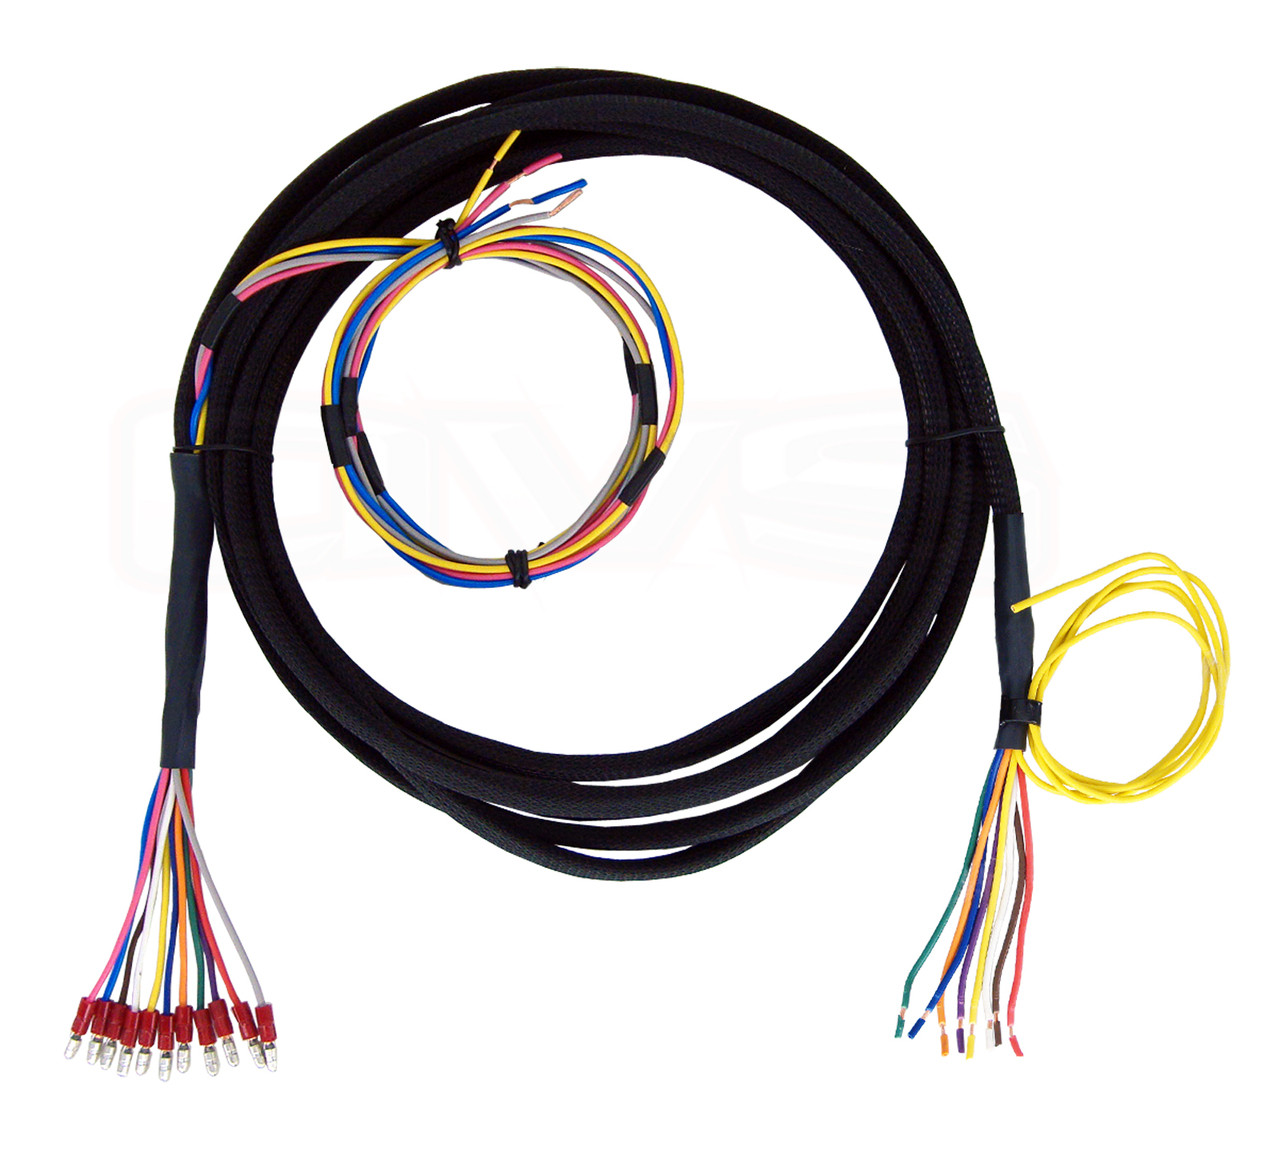 Pin Trailer Wiring Diagram On 7 Prong Trailer Wiring Diagram Gm